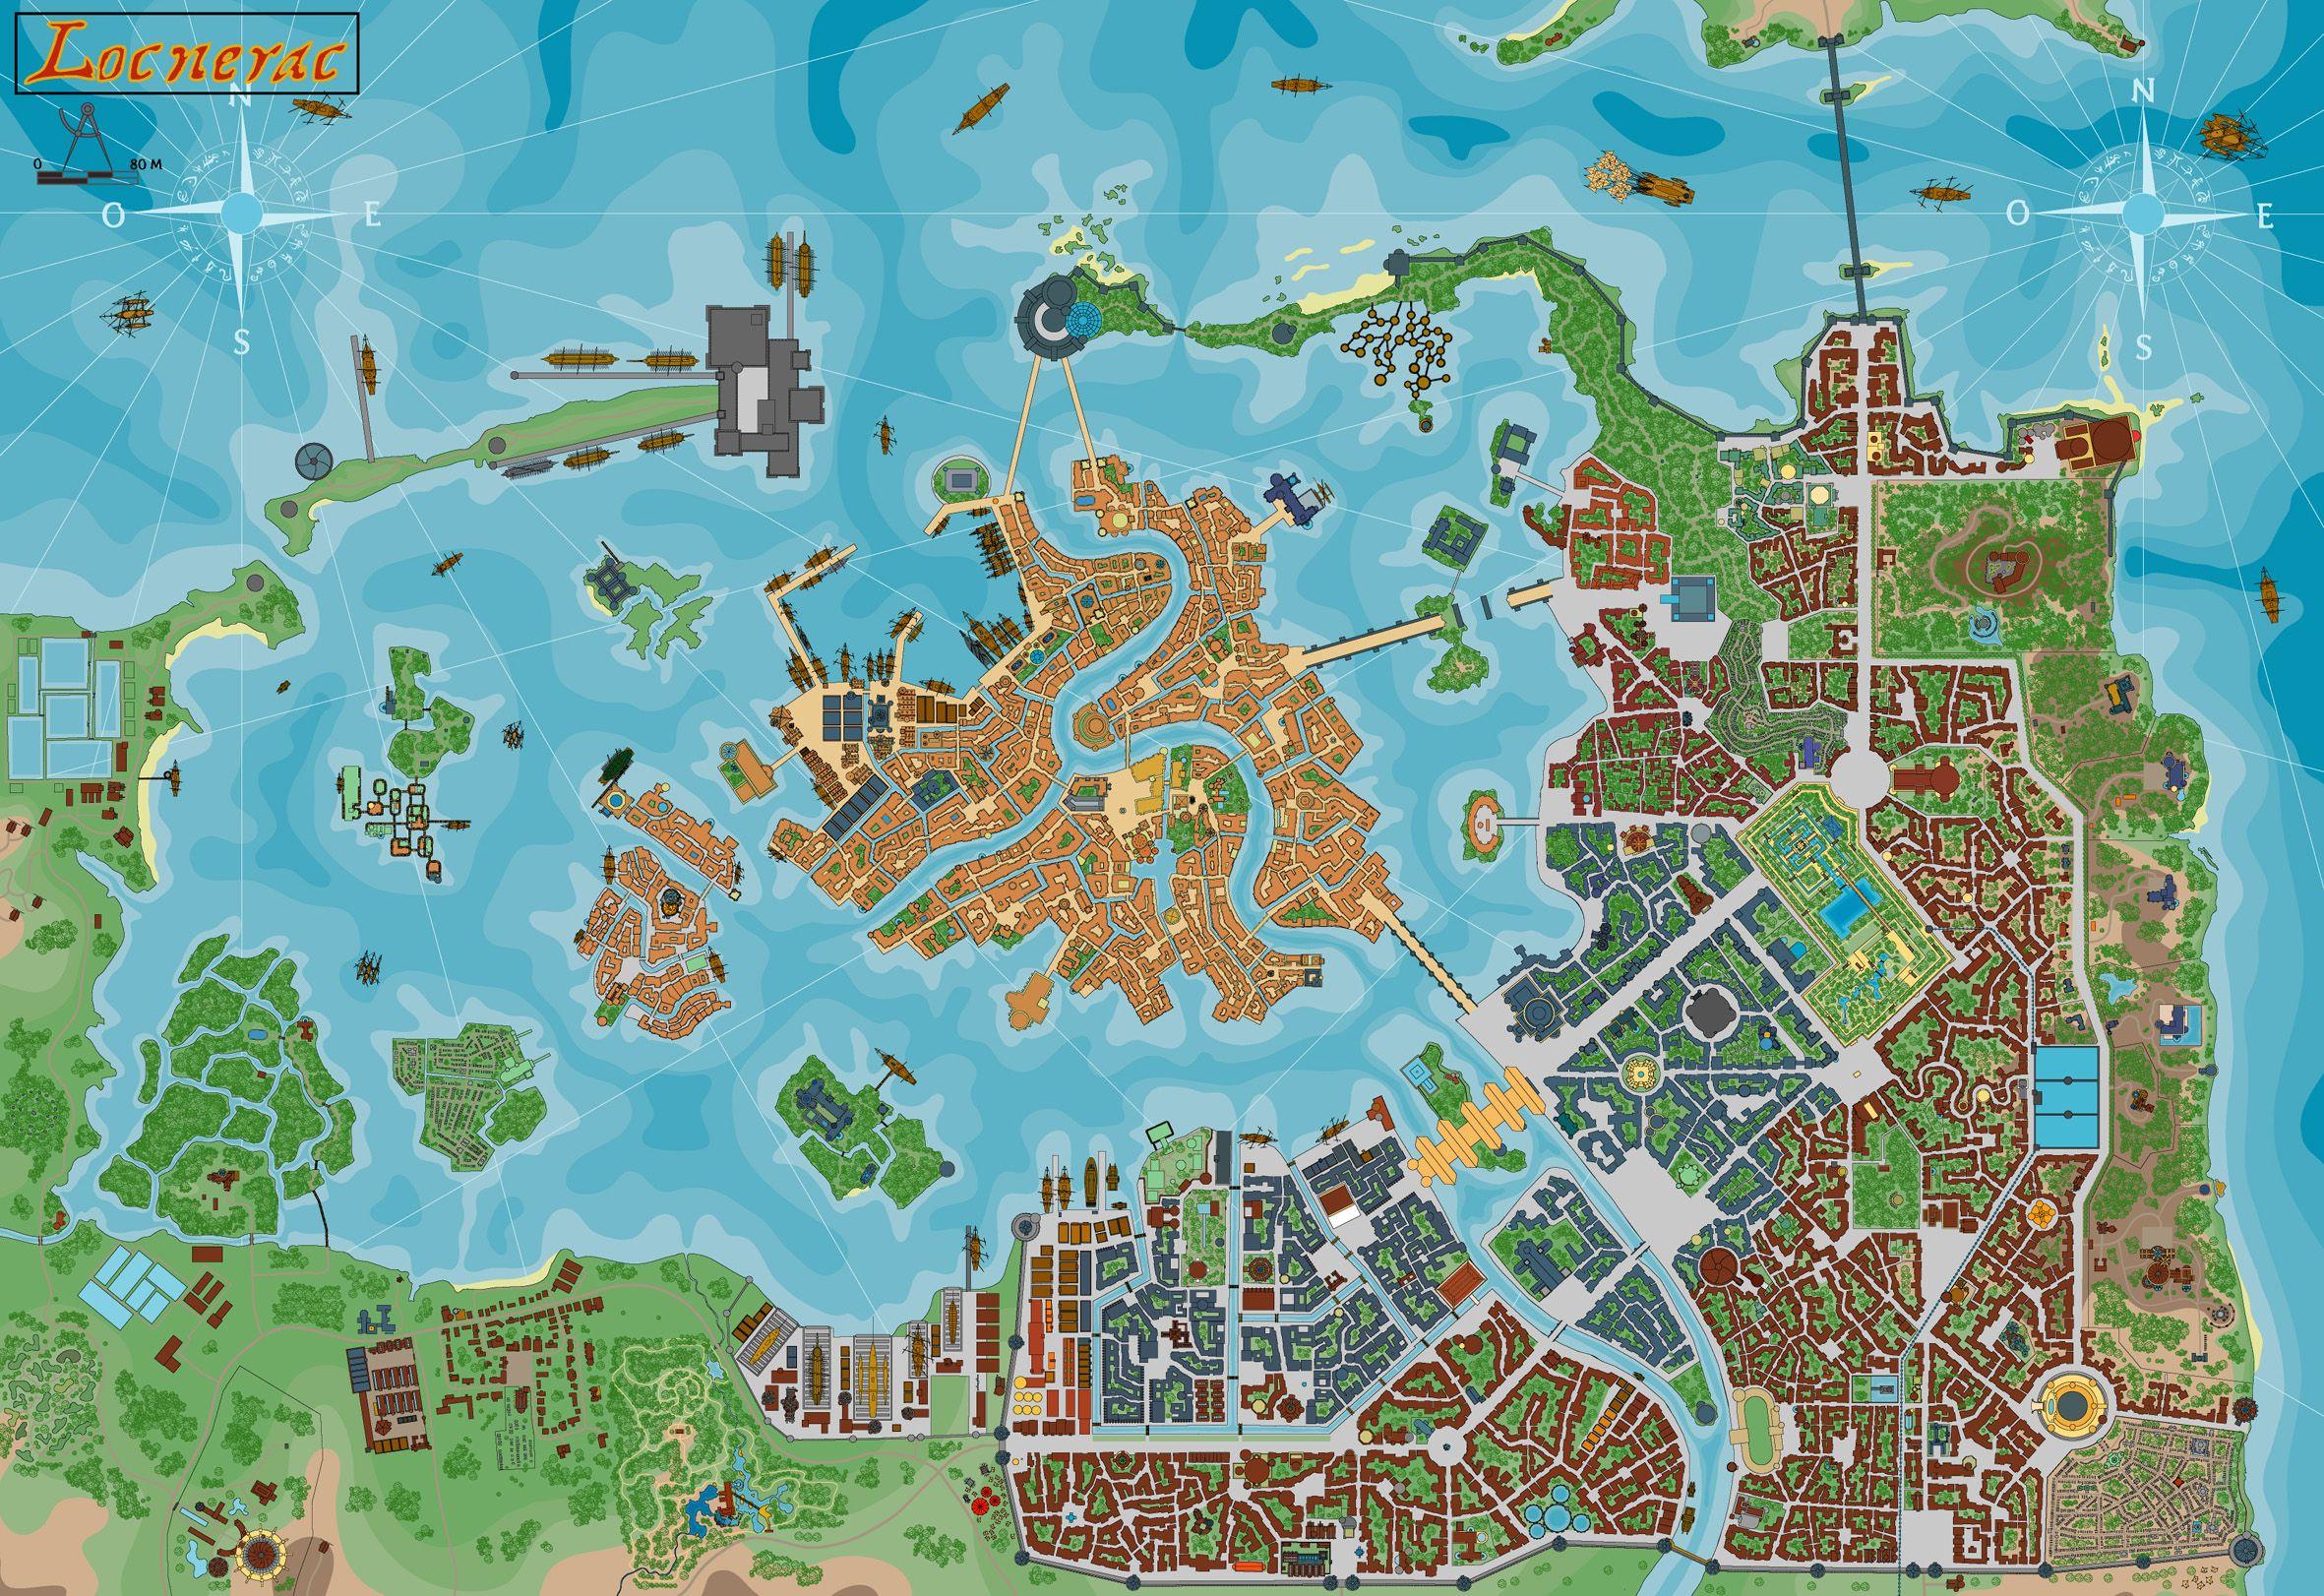 carte monde fantastique vierge Image result for carte monde fantastique vierge | Fantasy world